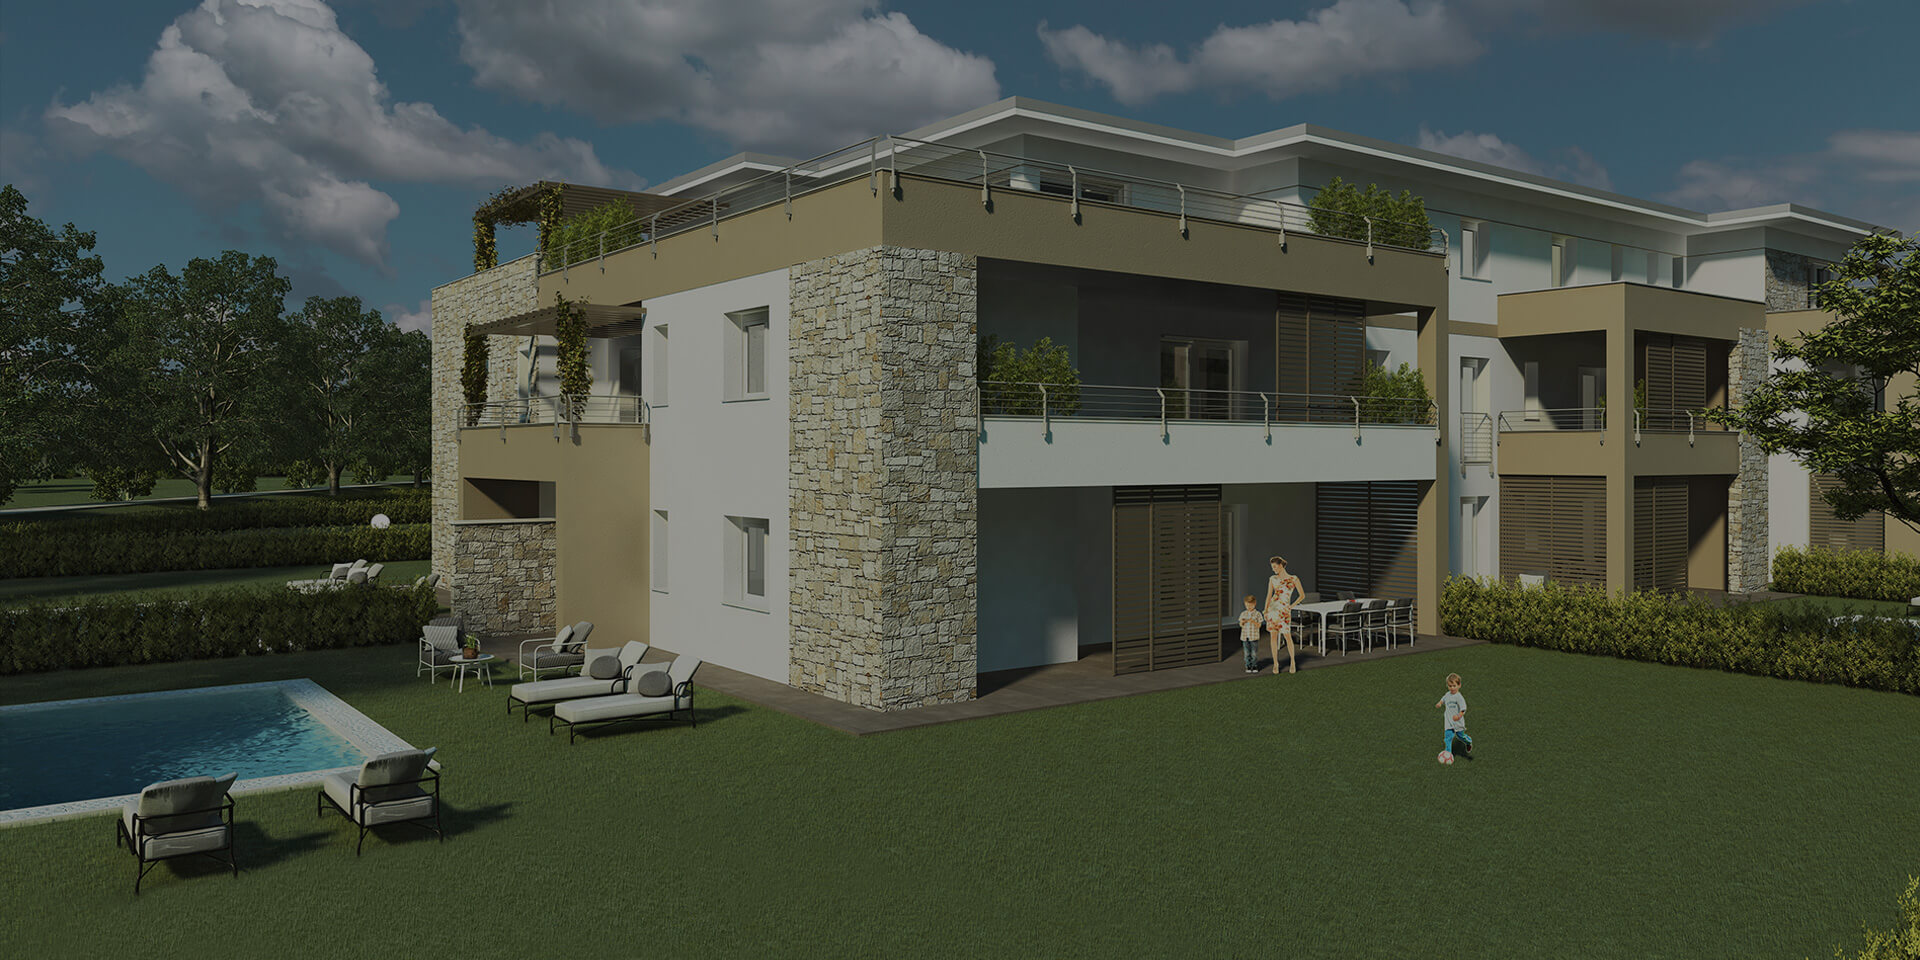 Case in vendita Monza Brianza - Appartamenti Monza Brianza ...